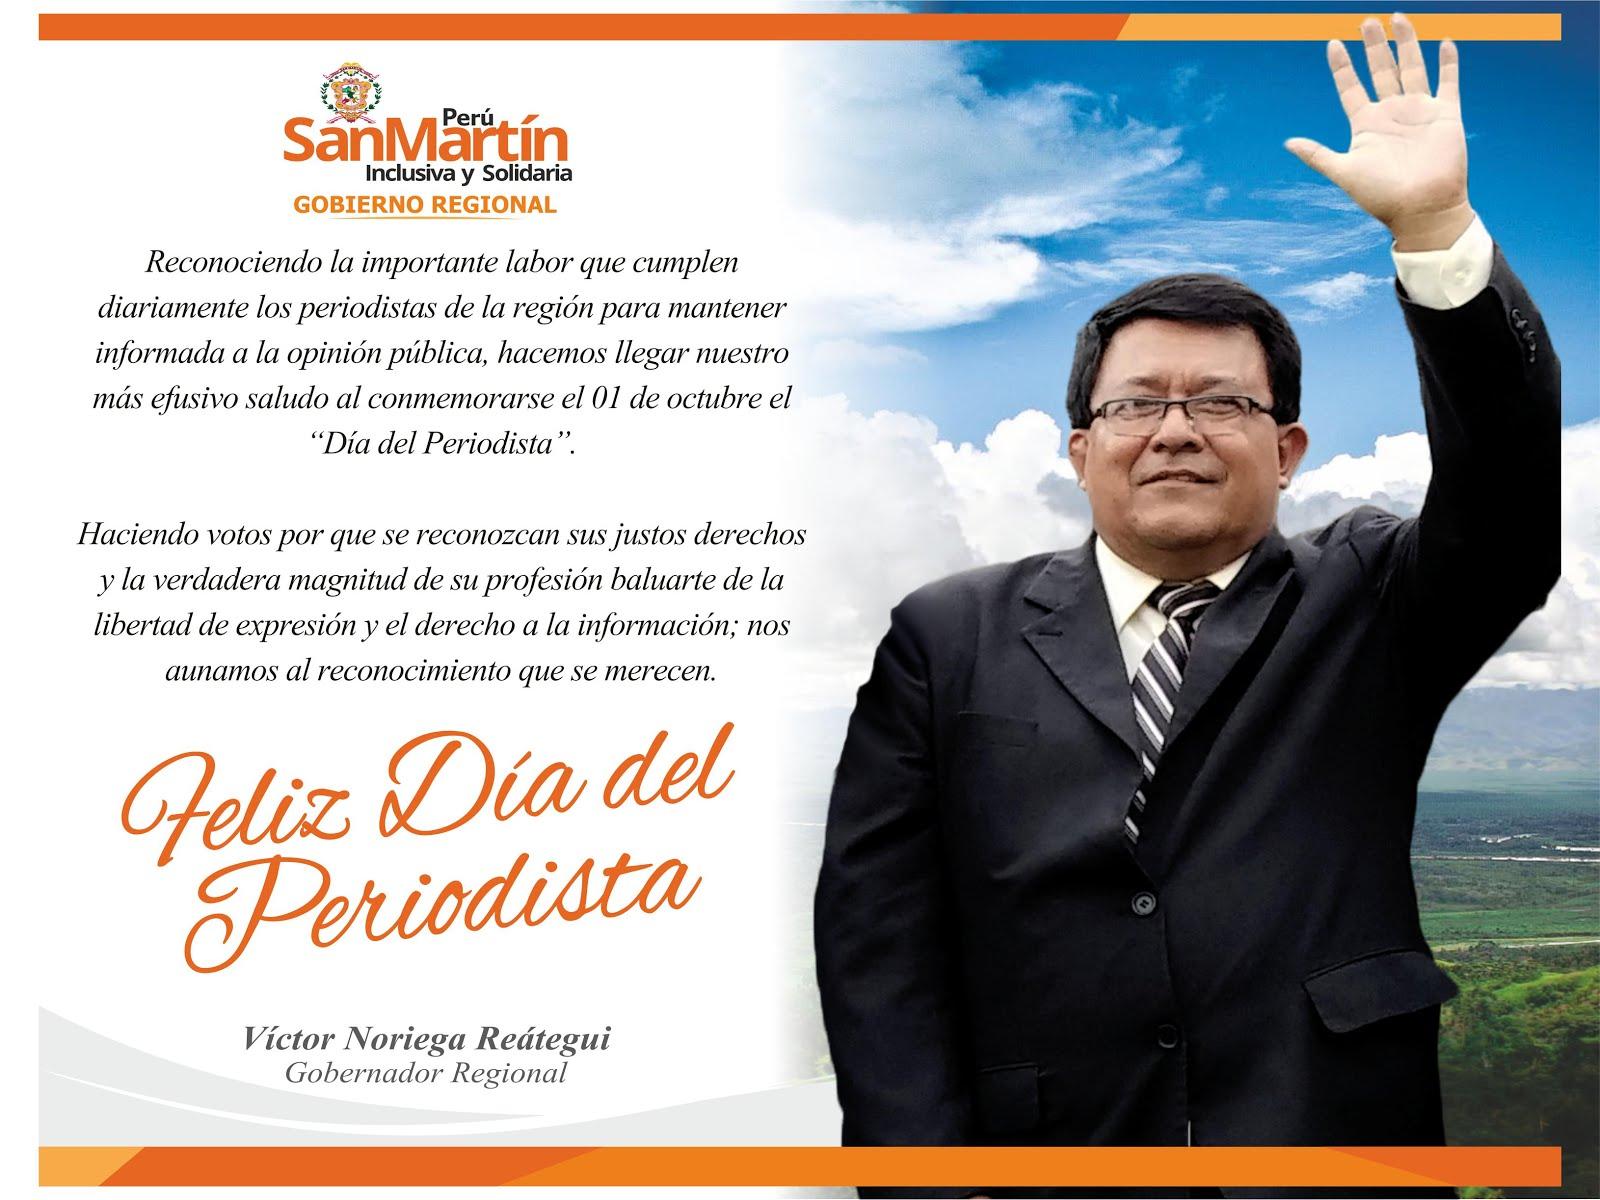 GOBIERNO REGIONAL SAN MARTIN SALUDO POR EL DÍA DEL PERIODISTA